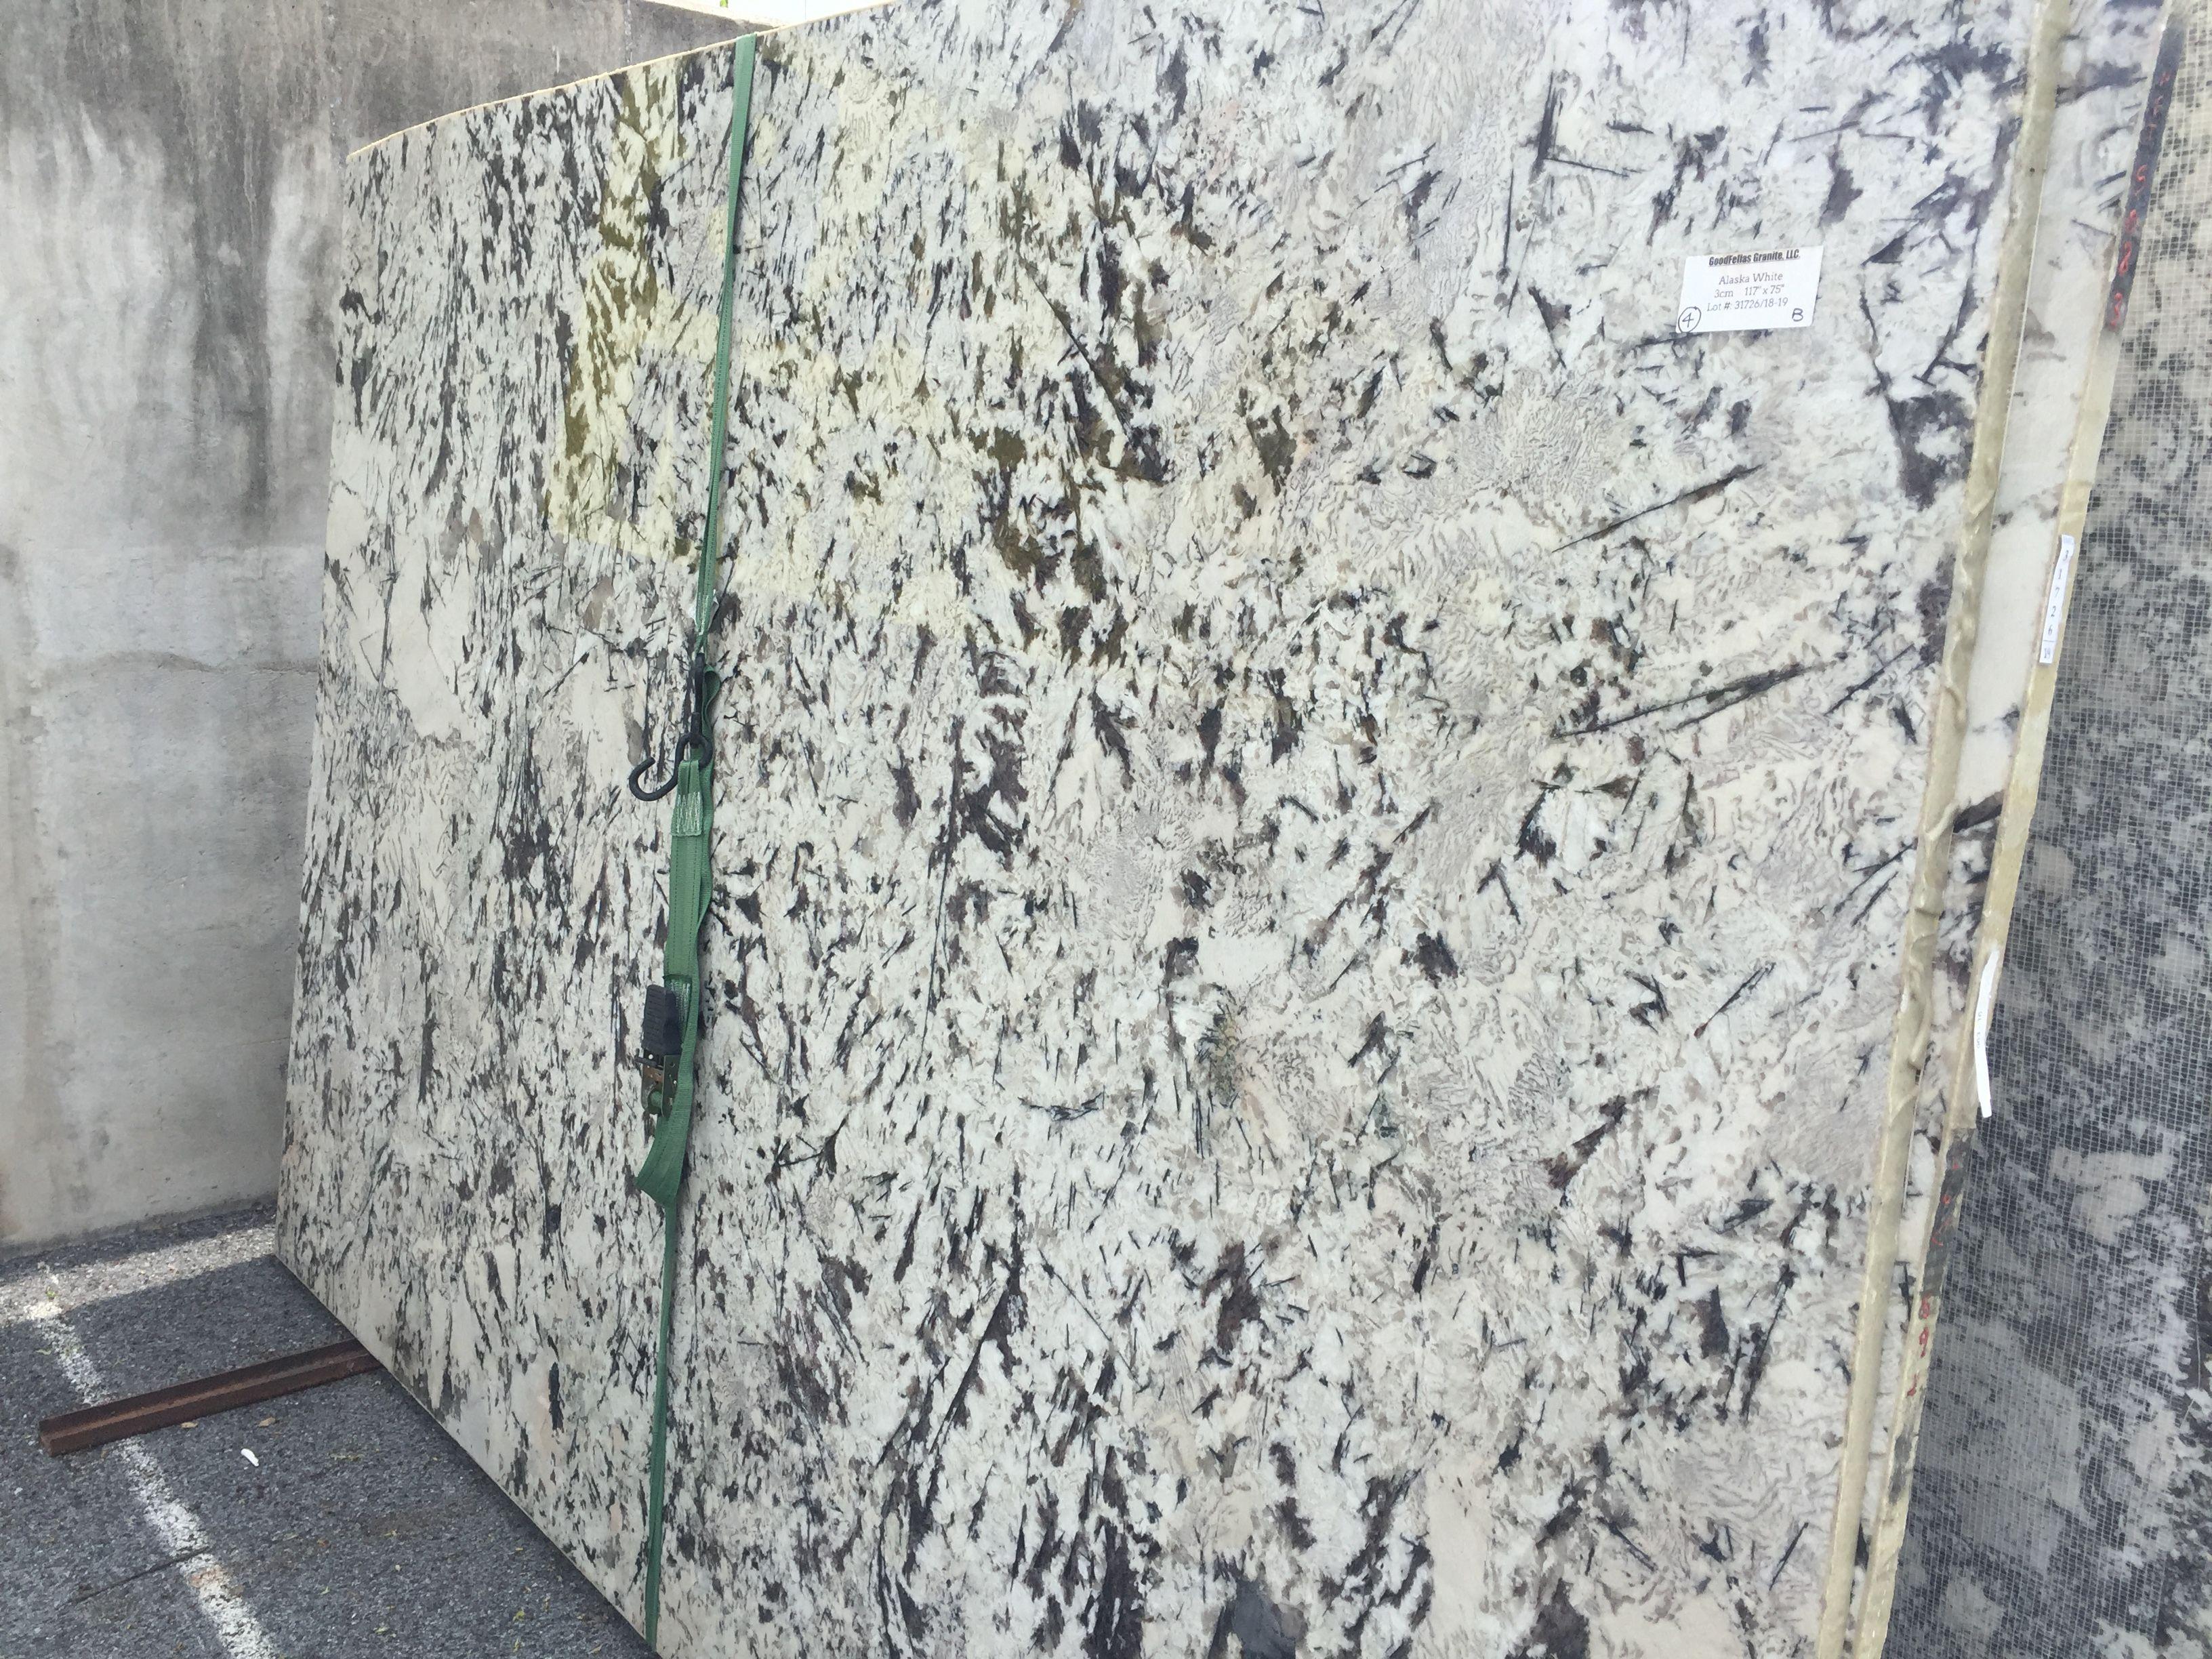 Alaska White Granite Goodfellasgranite Marble Quartz Granite White Granite